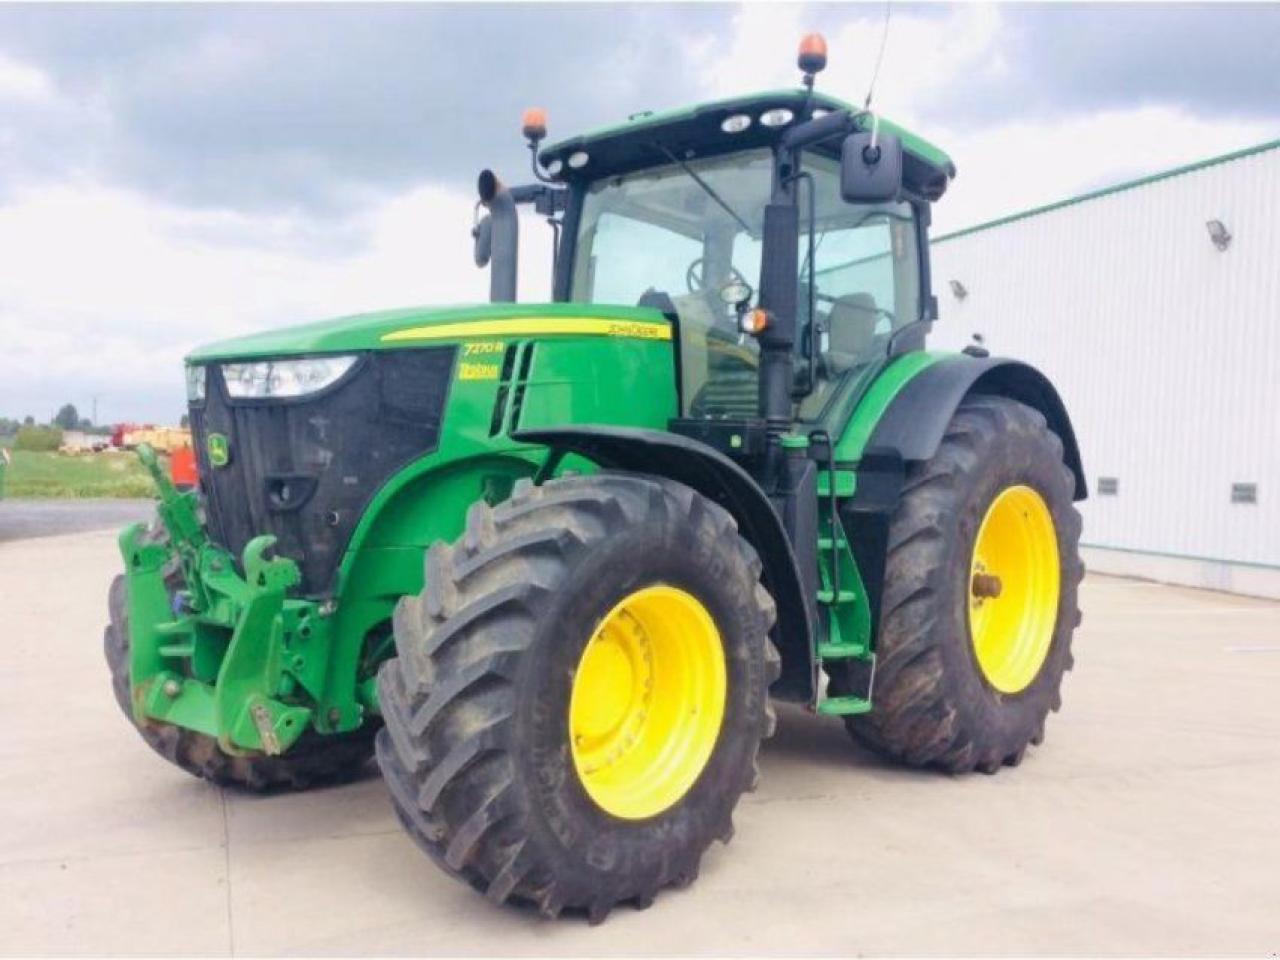 Tractor agricola John Deere 7270R, 2014, precio 110000 EUR en venta -  Truck1 - 3906259